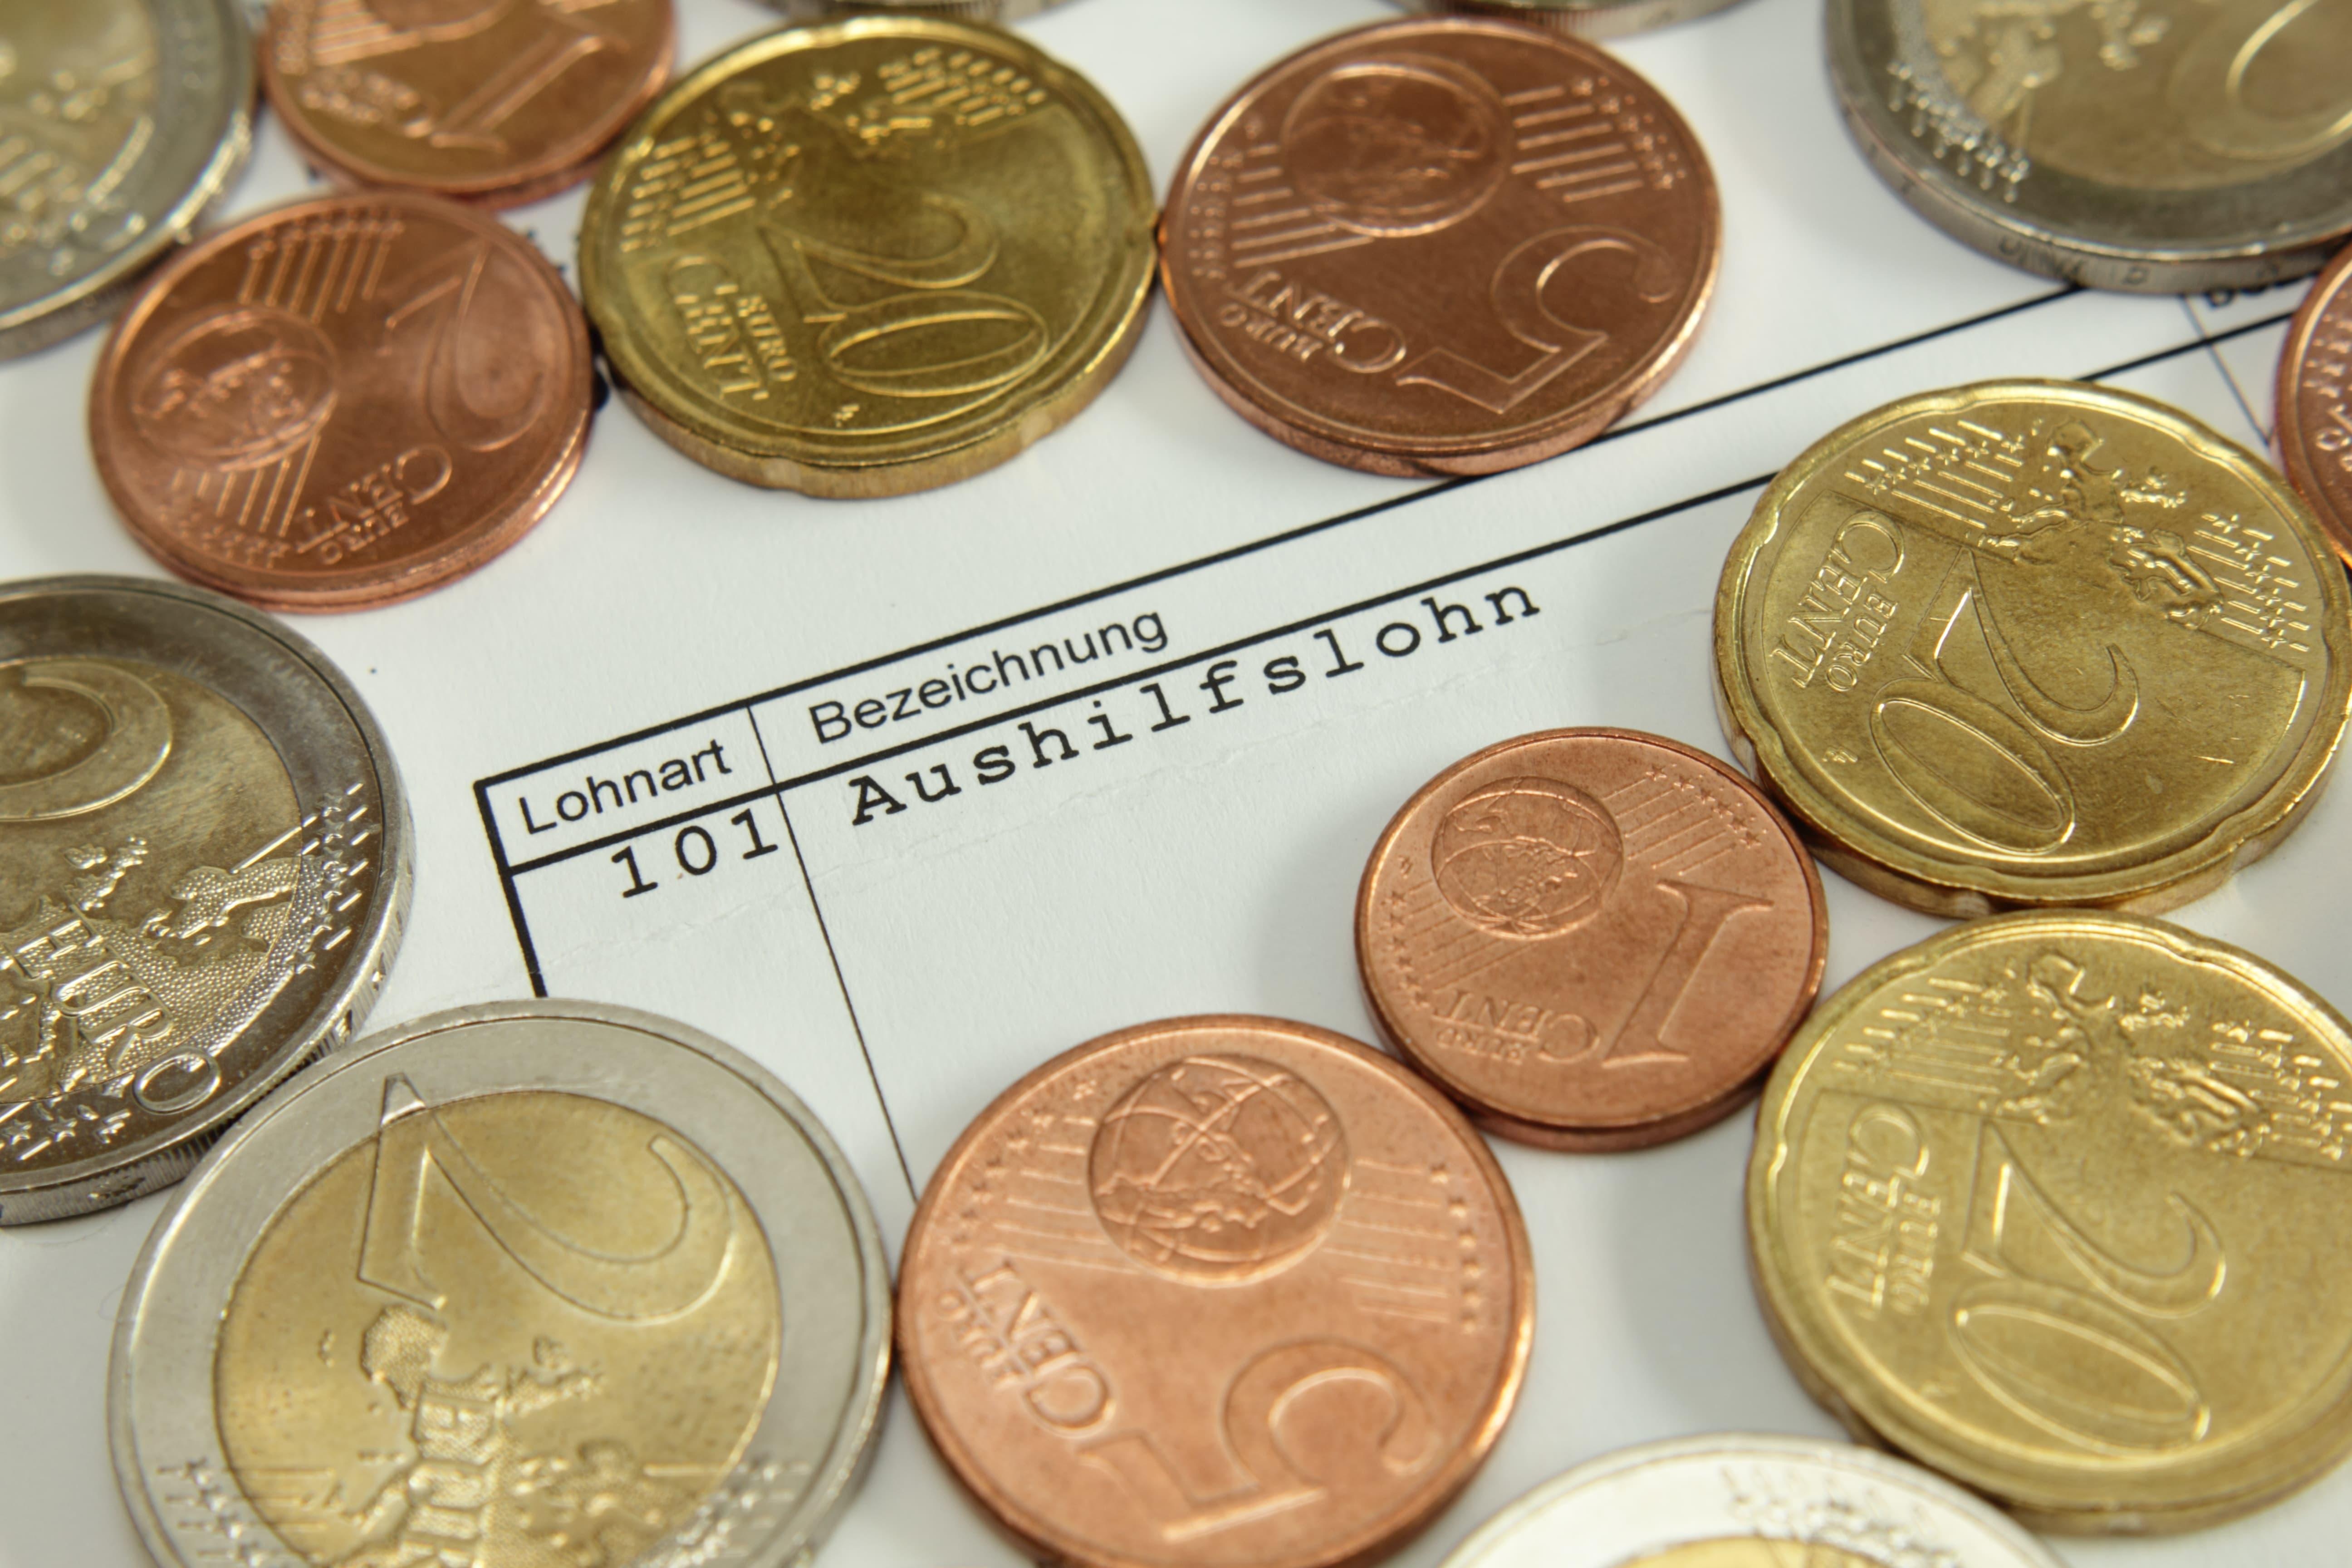 Münzgeld und Gehaltsabrechnung einer Aushilfe